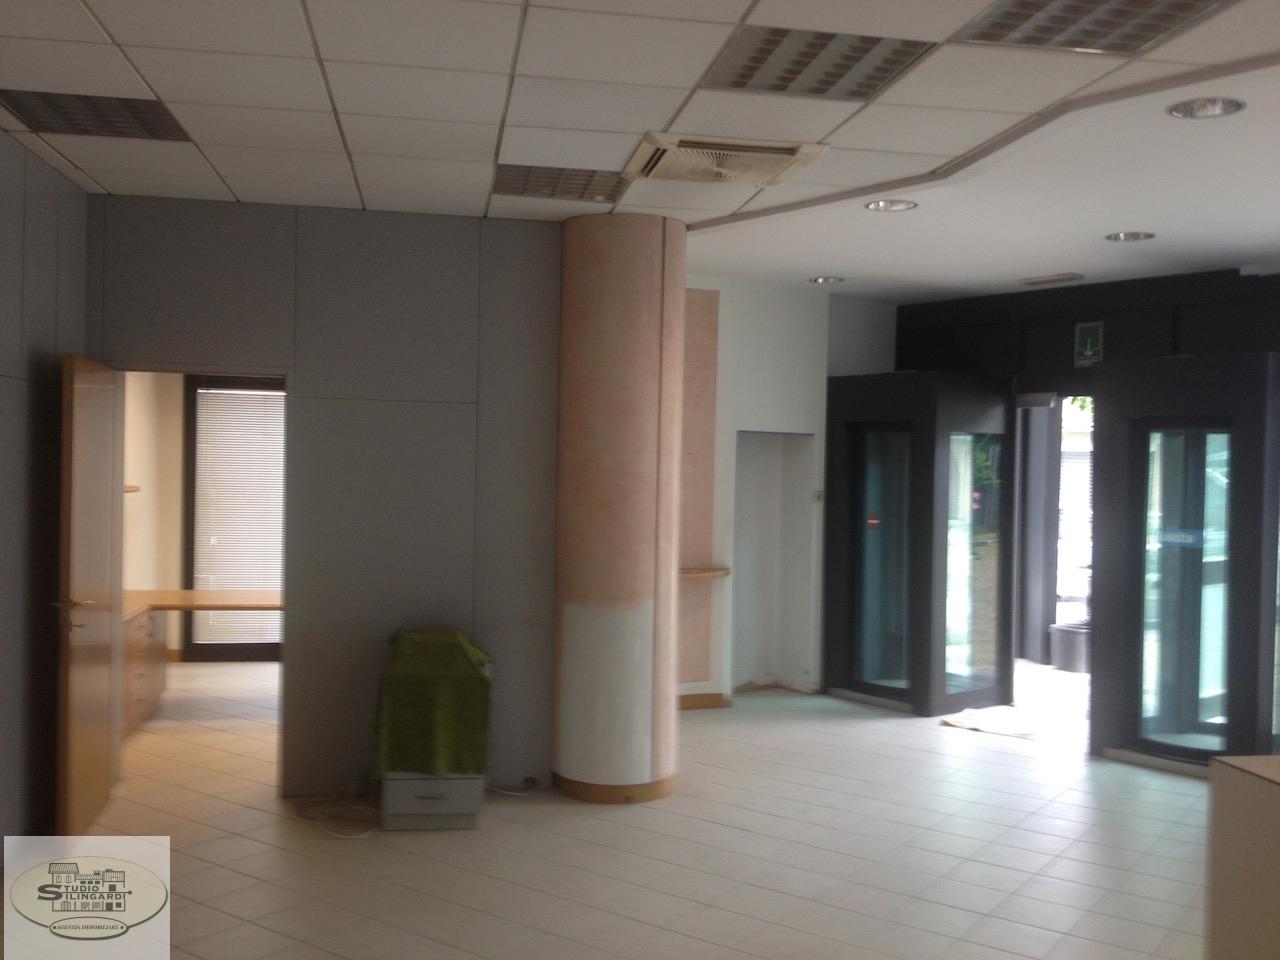 Ufficio / Studio in affitto a Formigine, 9999 locali, zona Località: Formigine, prezzo € 1.200 | Cambio Casa.it